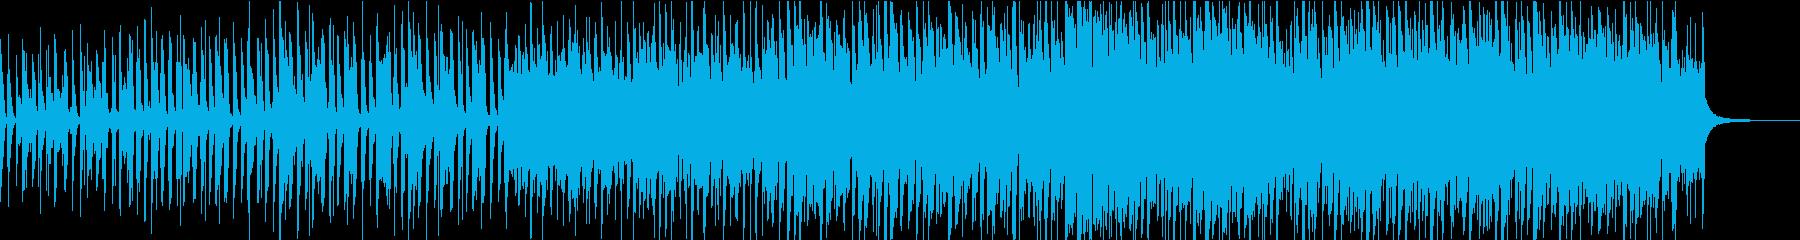 勢いと迫力のあるブラスバンドジャズの再生済みの波形